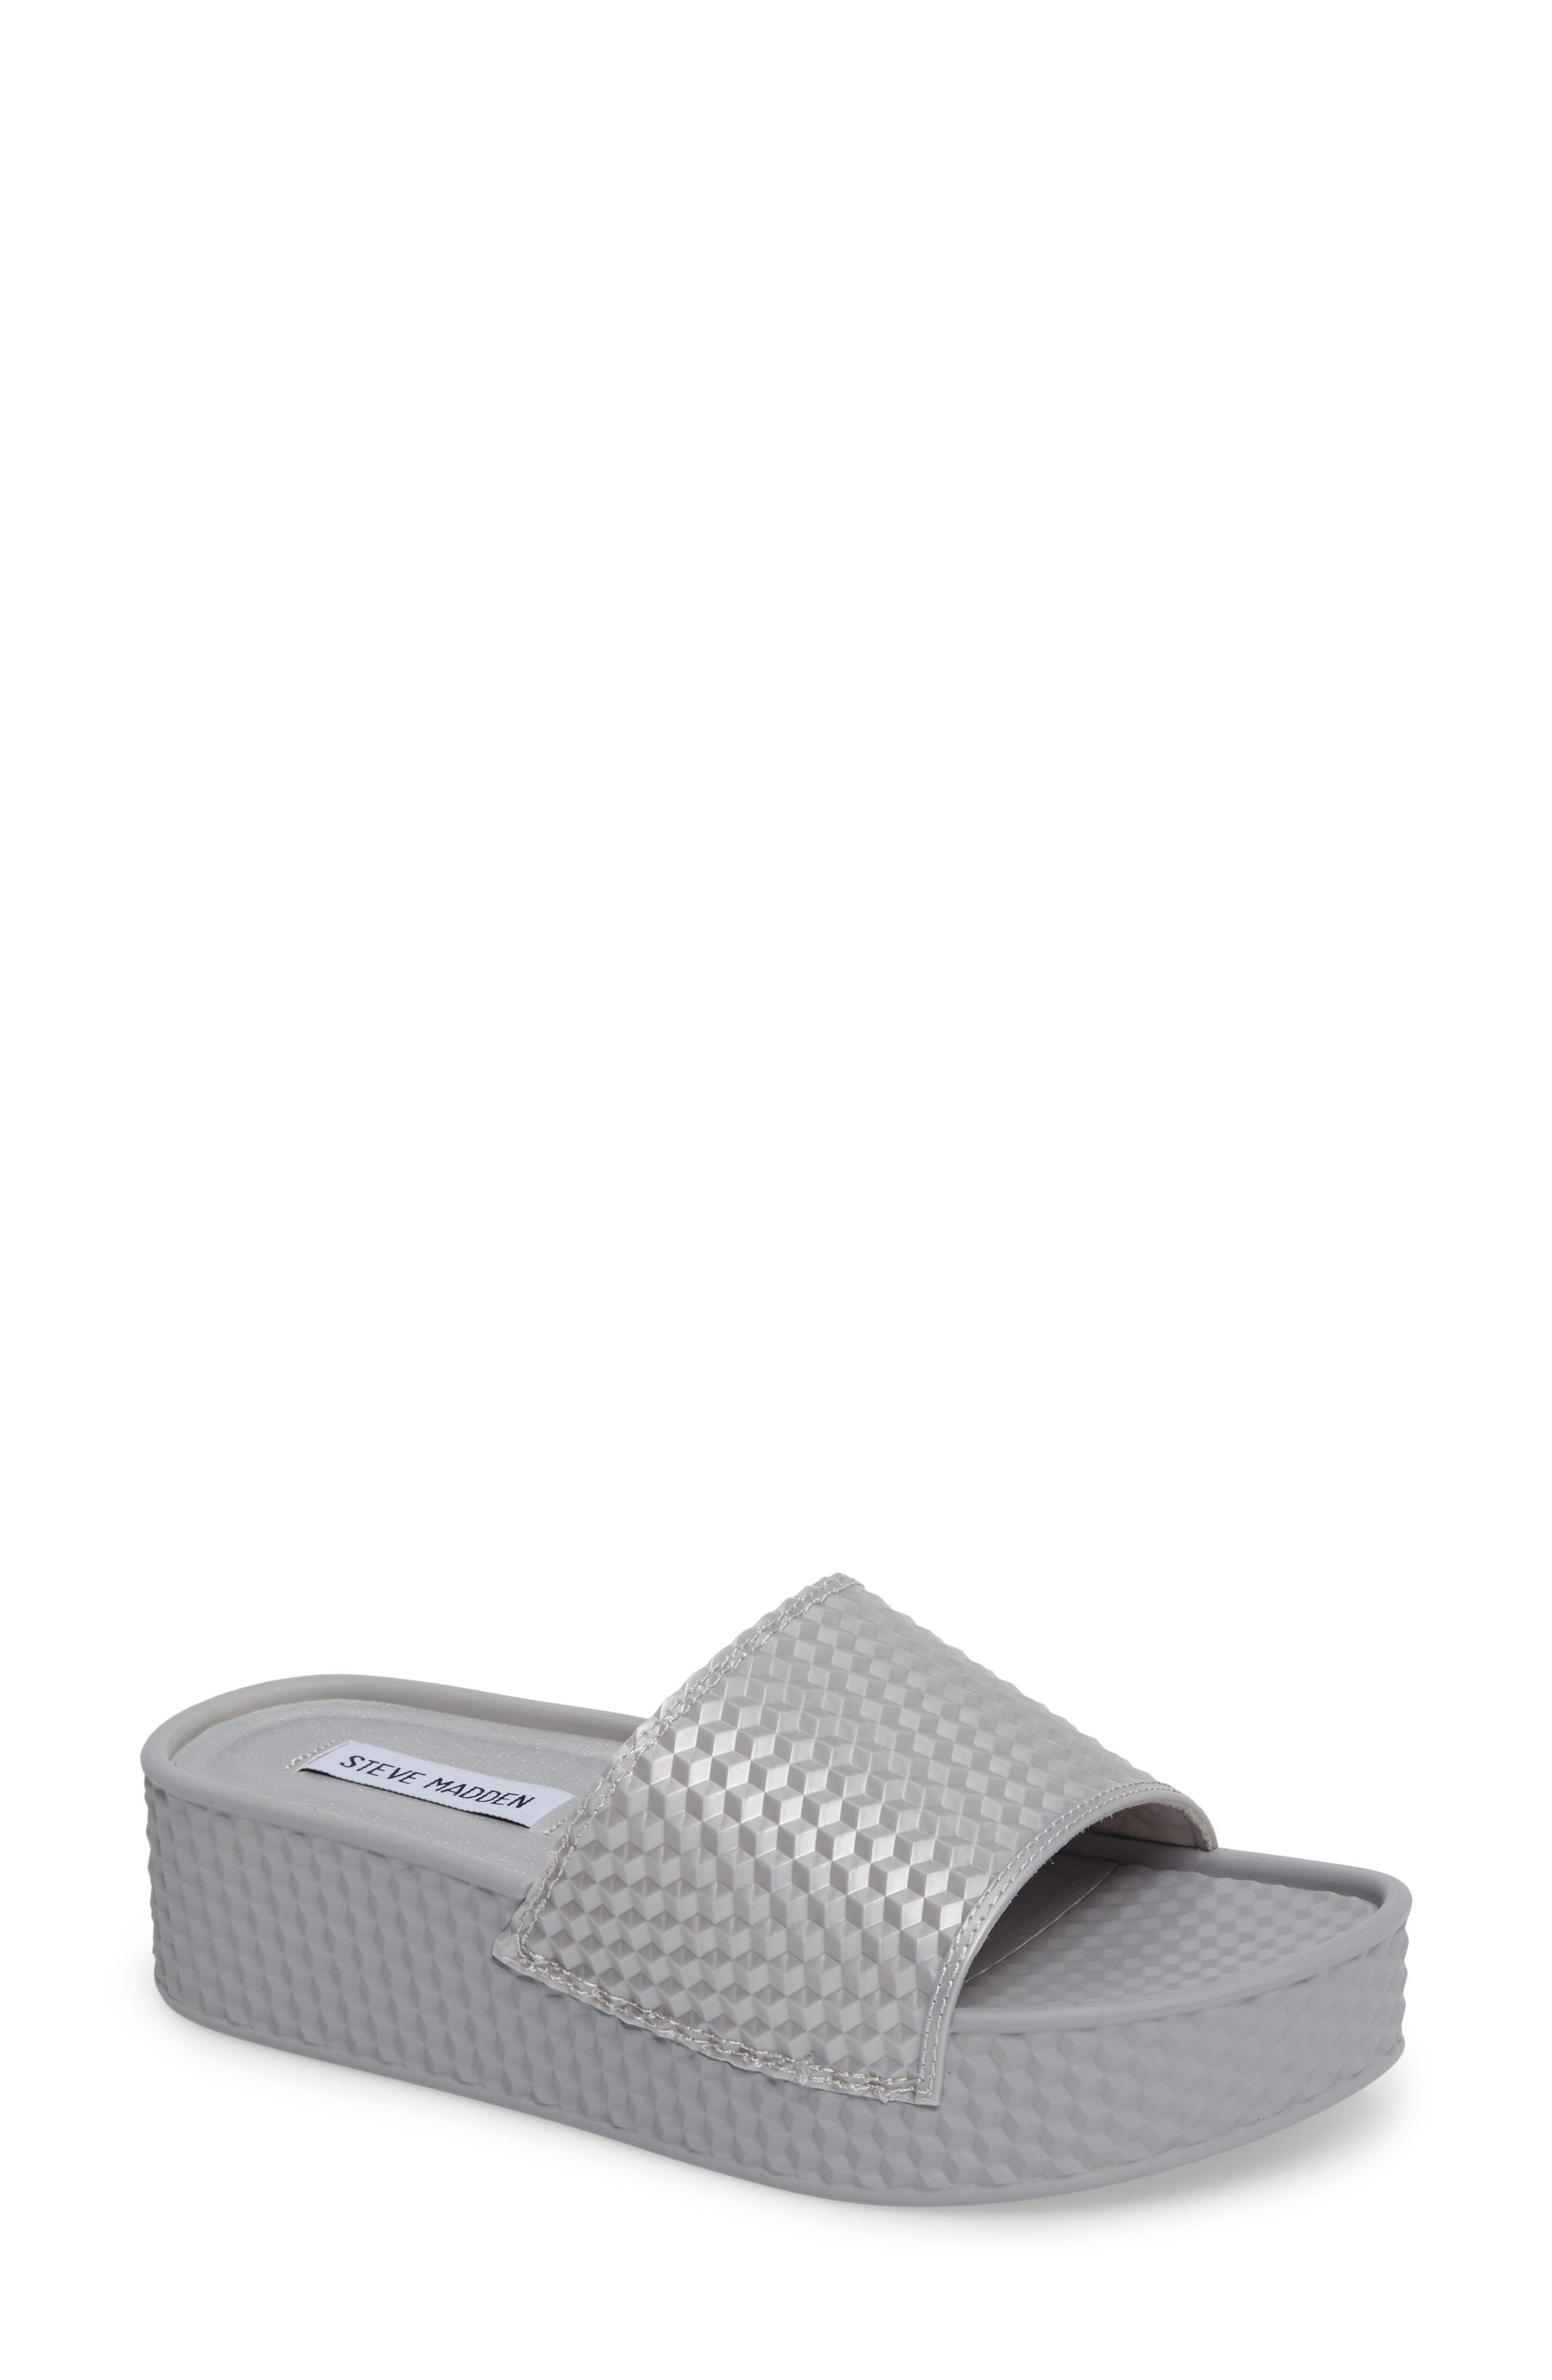 Steve Madden Sharpie Slide Sandal (Women)